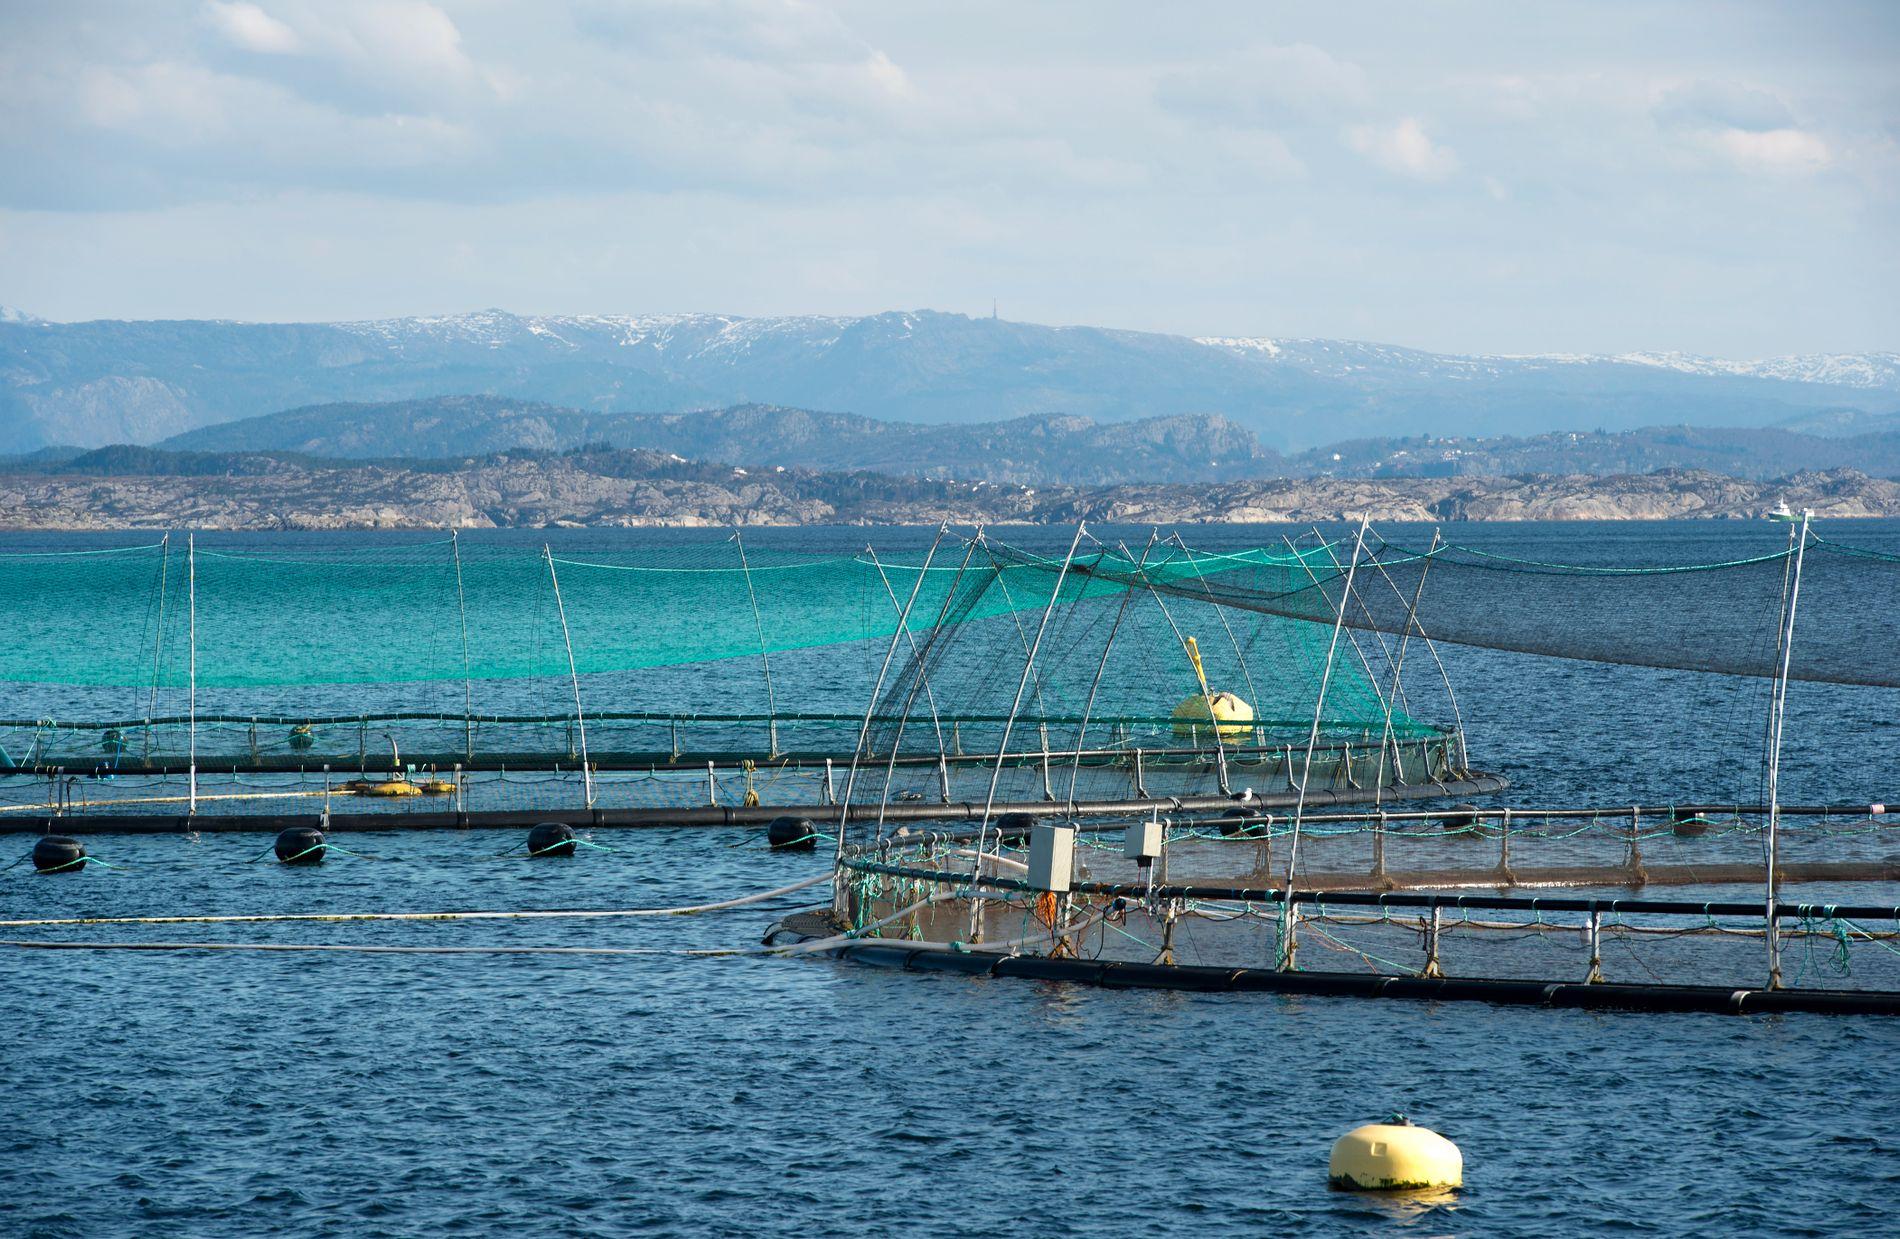 Flere nordmenn har troen på fiskenæringa enn oljenæringa, ifølge en undersøkelse fra Universitetet i Bergen. Her er Lerøy Vests matfiskanlegg ved Rongøy i Øygarden. Foto: Marit Hommedal / NTB scanpix